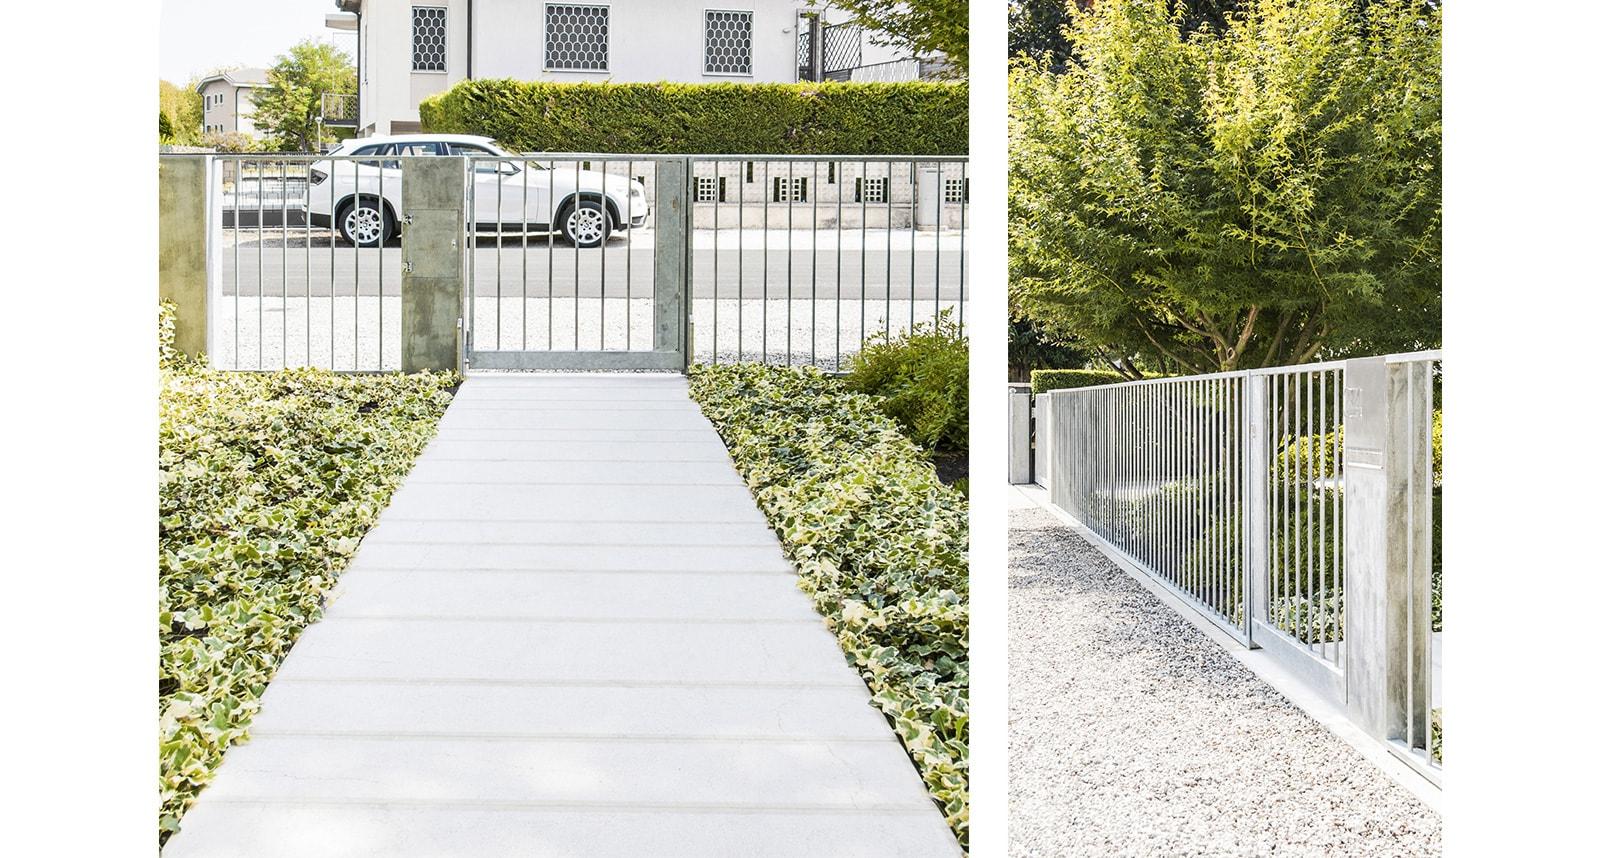 casa-giardino-via-berzuini-34-gate